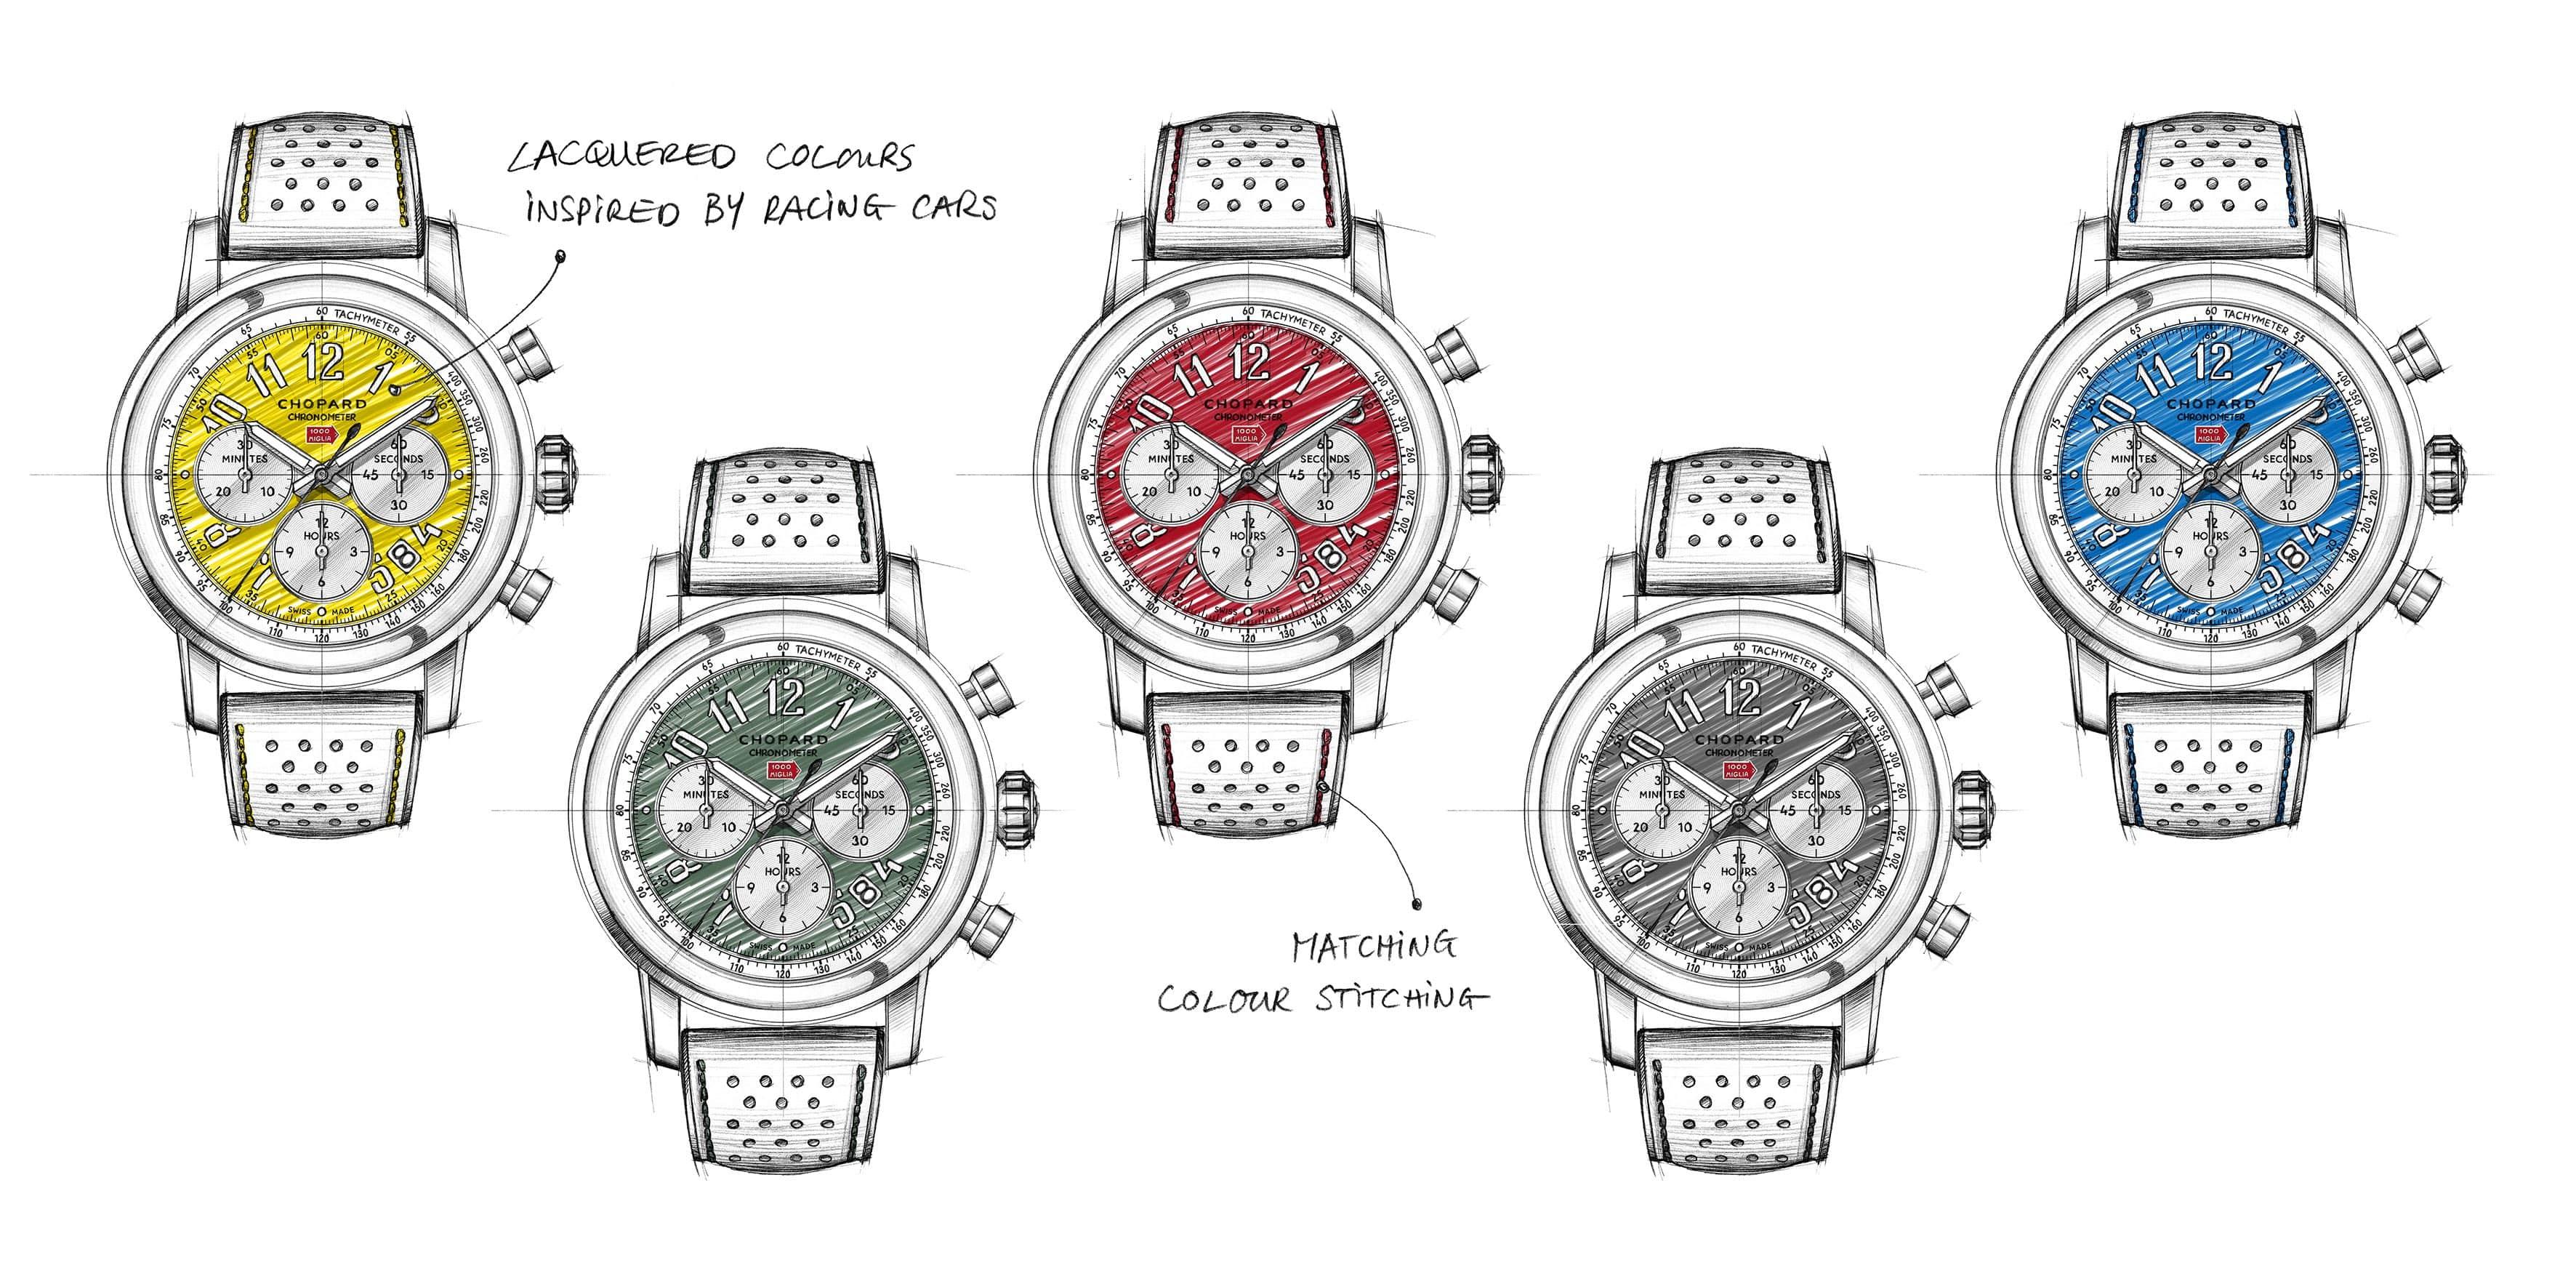 Schets van de vijf verschillende Mille Miglia Racing Colours